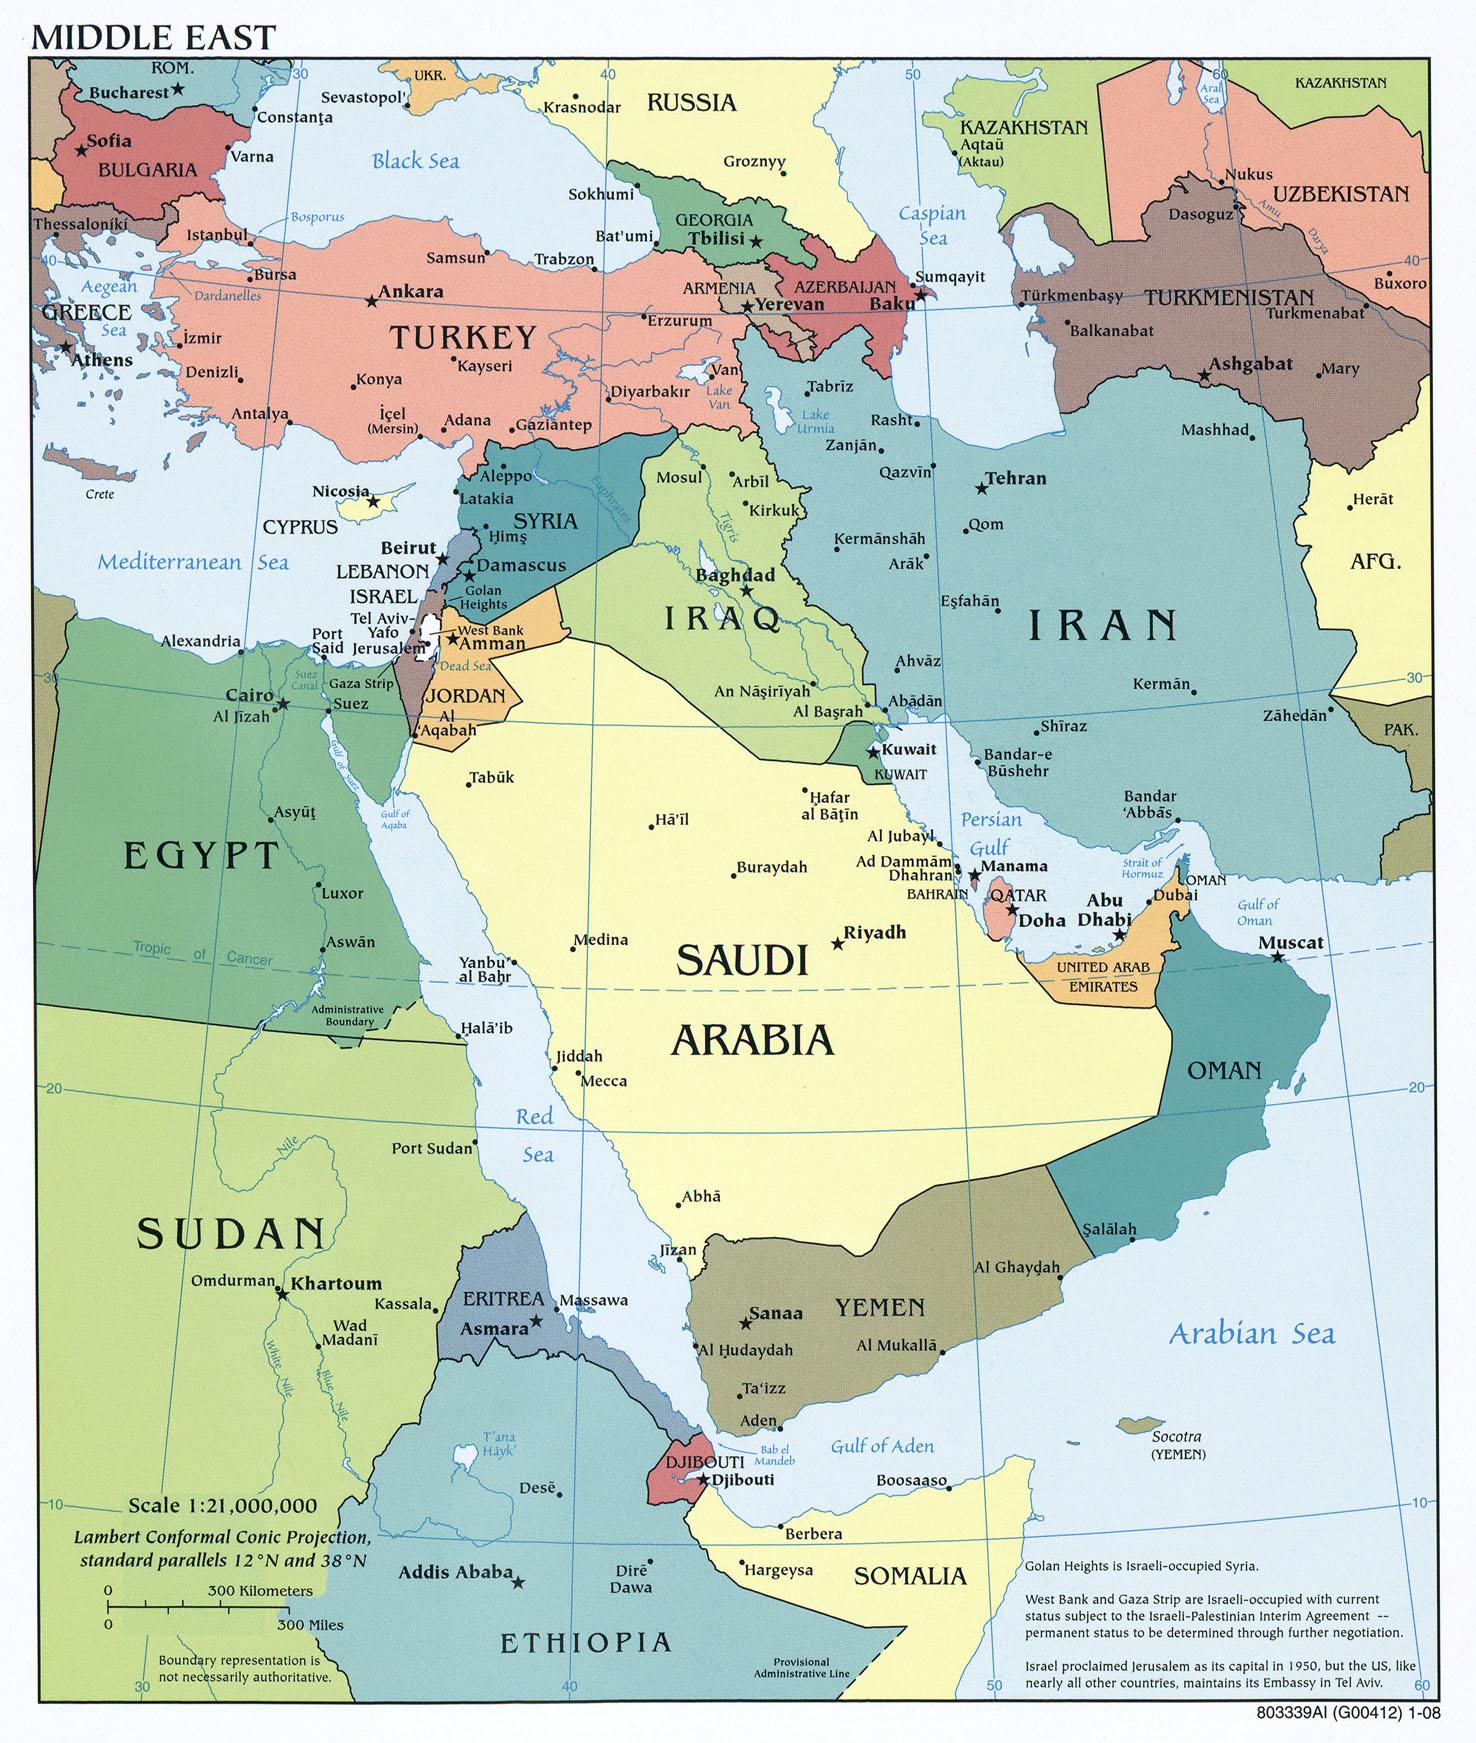 Mapa Politico del Oriente Medio 2008